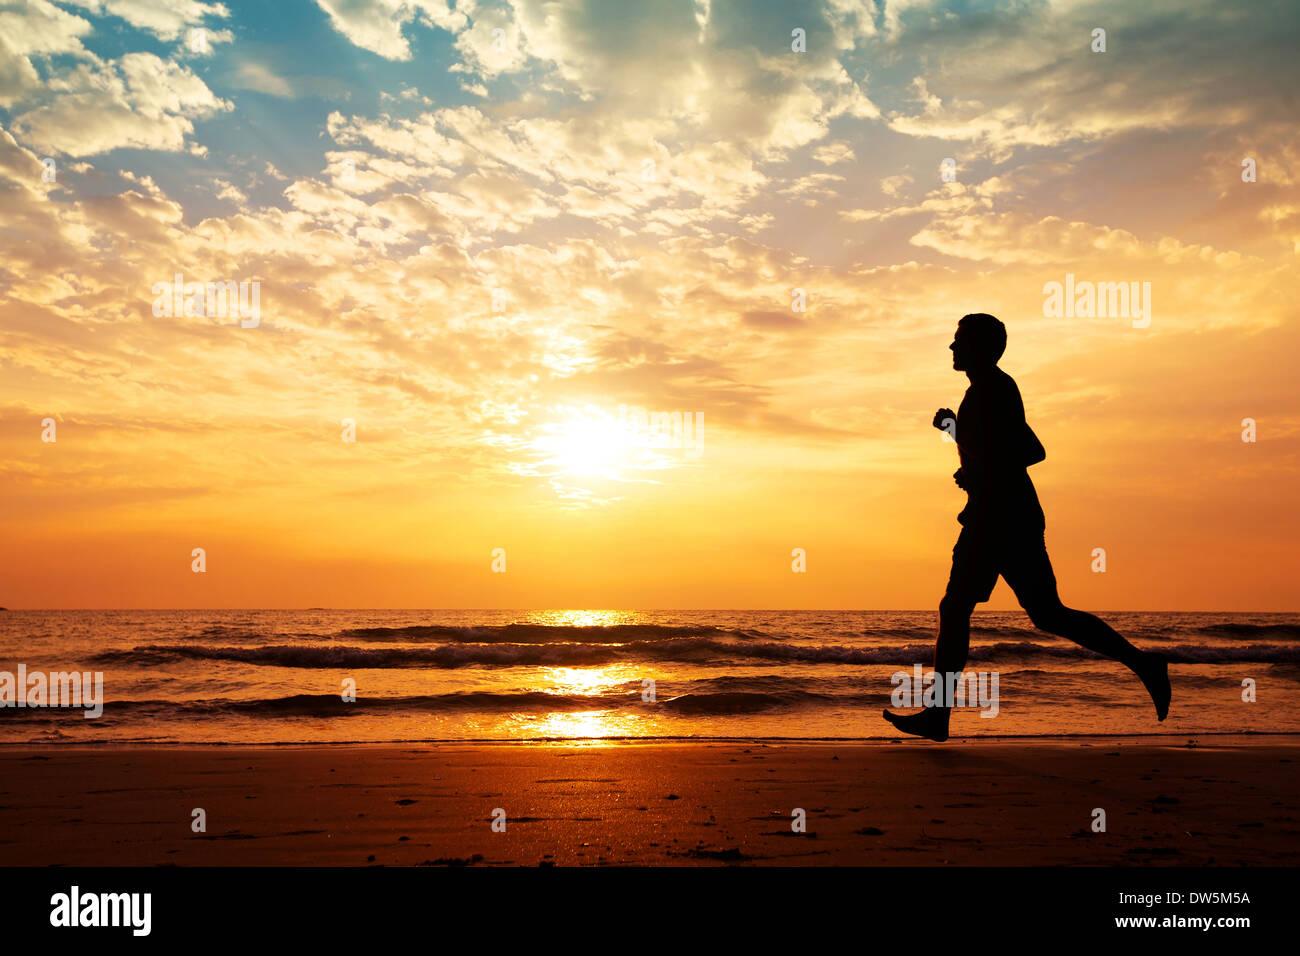 Silhouette d'homme qui court sur la plage au coucher du soleil Photo Stock